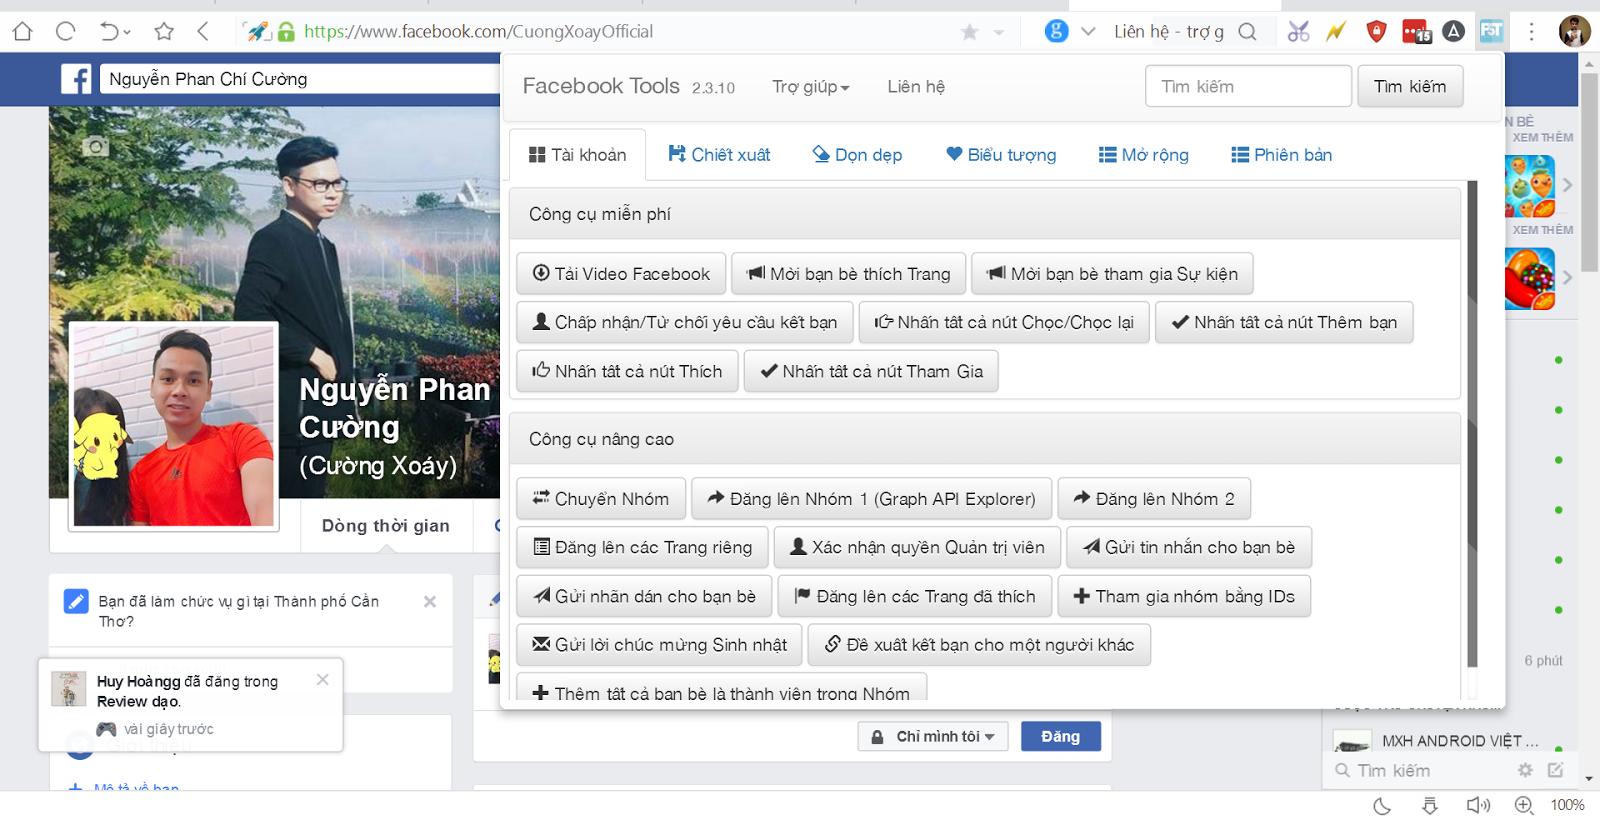 [Extensions] Facebook Tool 2 - Công cụ hỗ trợ đặc lực mọi chức năng (ĐÃ FULL) [Extensions] Facebook Tool 2 - Công cụ hỗ trợ đặc lực mọi chức năng (ĐÃ FULL) [Extensions] Facebook Tool 2 - Công cụ hỗ trợ đặc lực mọi chức năng (ĐÃ FULL) [Extensions] Facebook Tool 2 - Công cụ hỗ trợ đặc lực mọi chức năng (ĐÃ FULL) [Extensions] Facebook Tool 2 - Công cụ hỗ trợ đặc lực mọi chức năng (ĐÃ FULL) [Extensions] Facebook Tool 2 - Công cụ hỗ trợ đặc lực mọi chức năng (ĐÃ FULL)